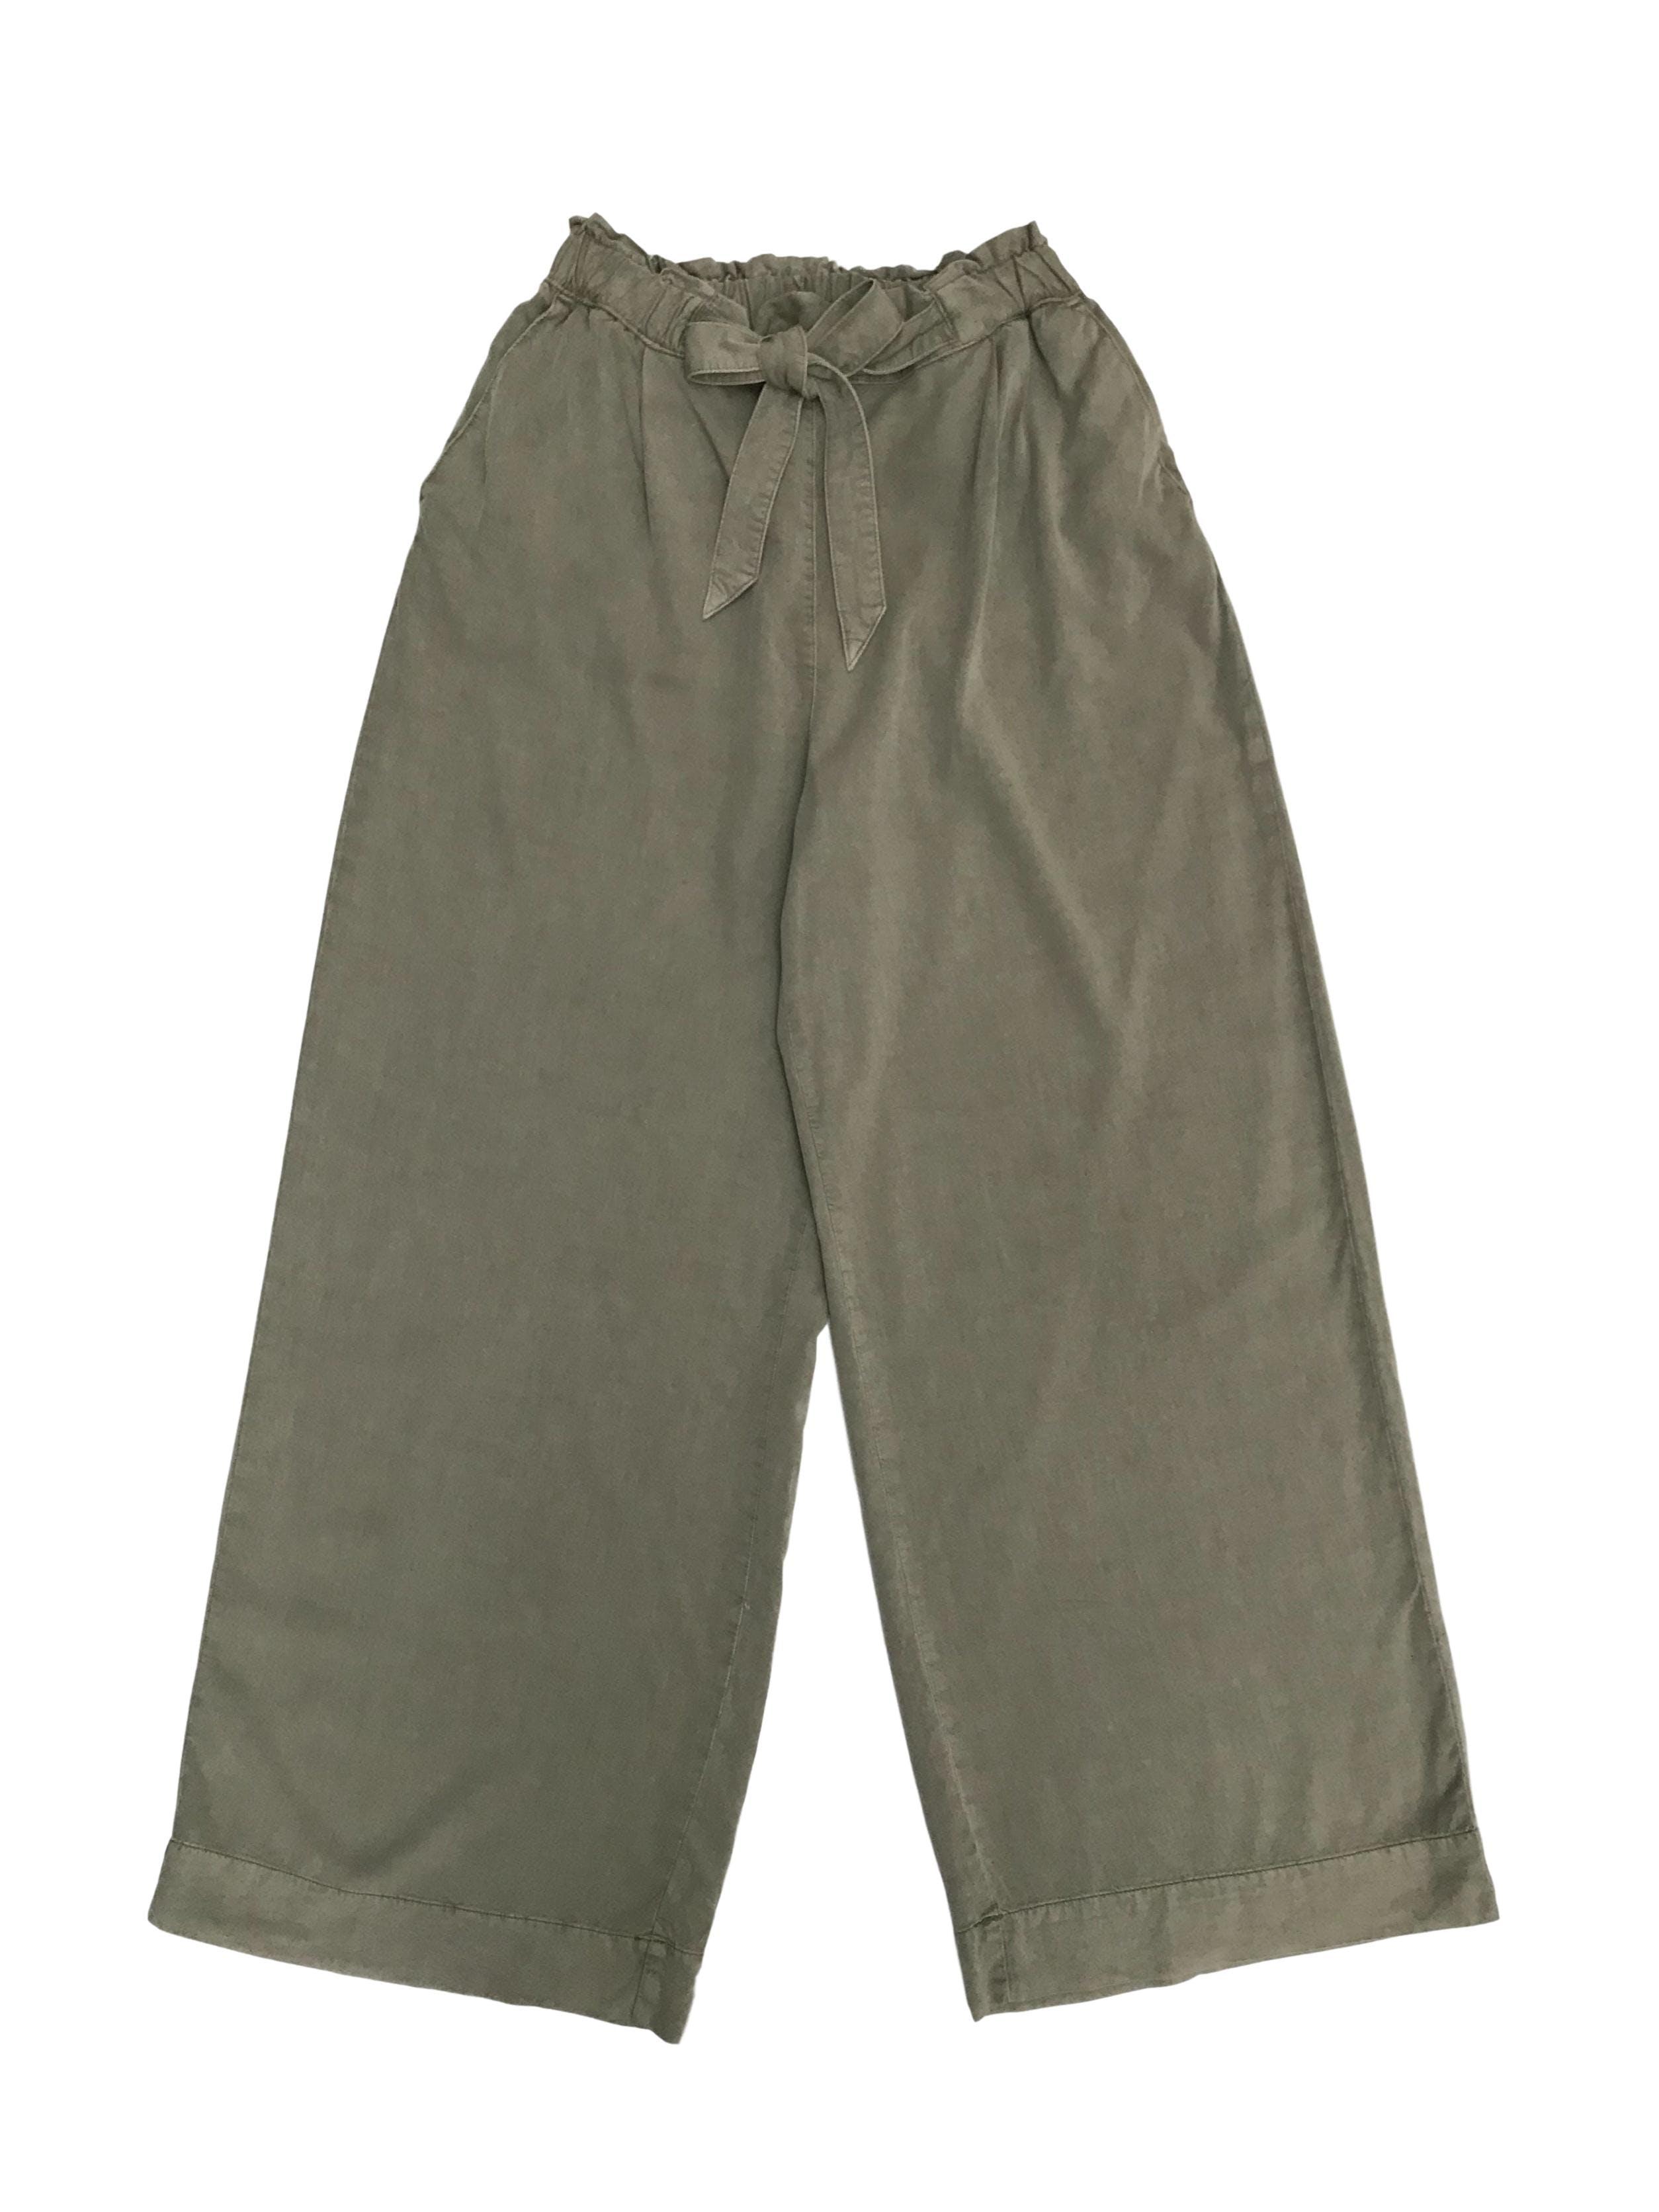 Pantalón palazzo H&M, cintura elástica con cinto y bolsillos laterales. Rico al tacto y con caída. Cintura 70cm (sin estirar). Precio original S/ 150